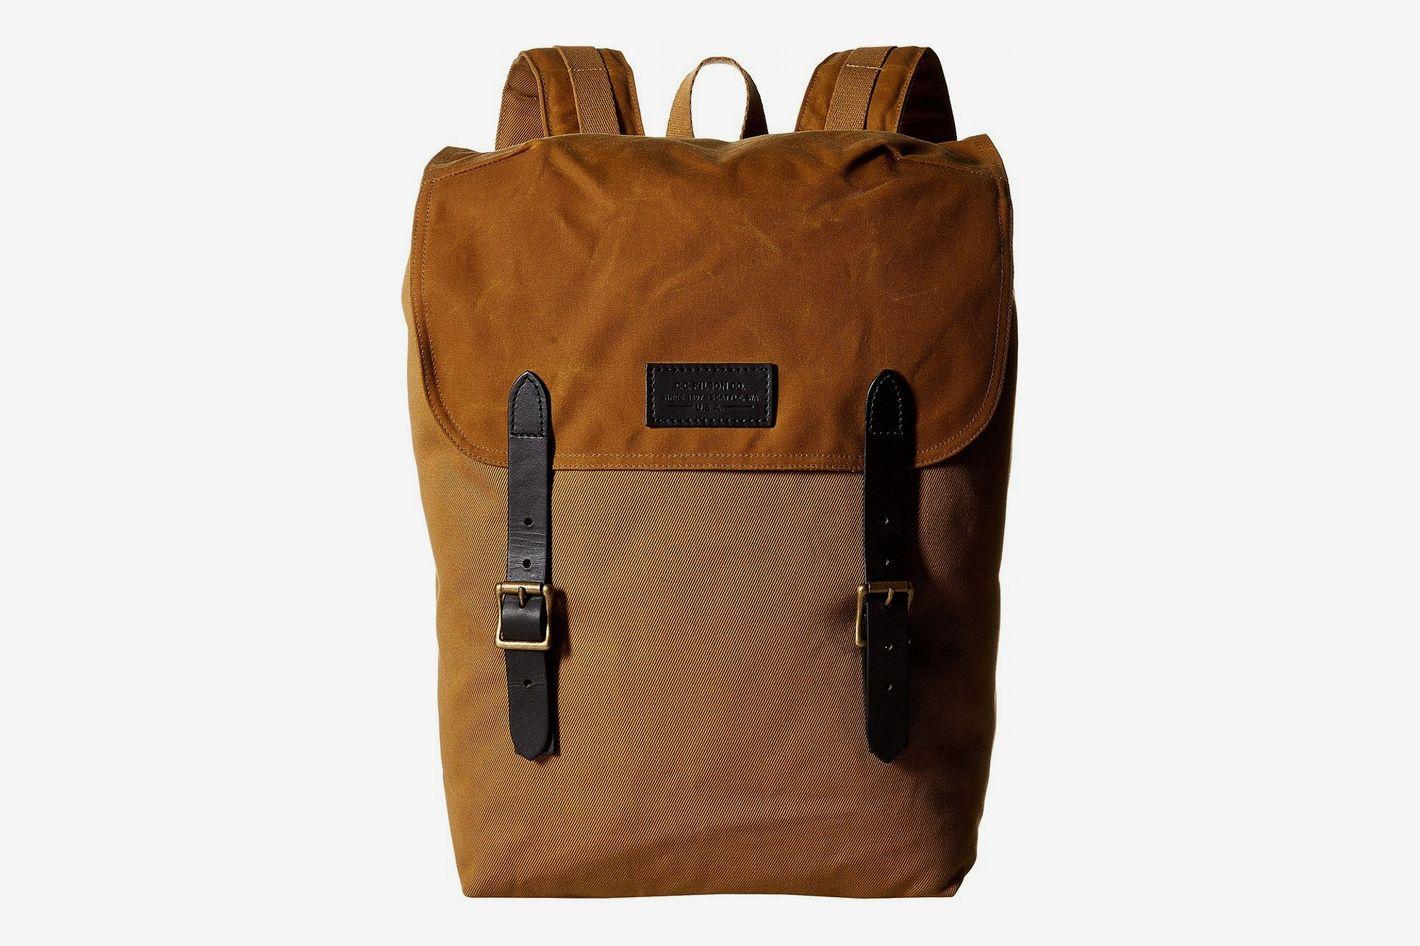 727af7e8ac11 Filson Ranger Backpack on Sale at Zappos 2019